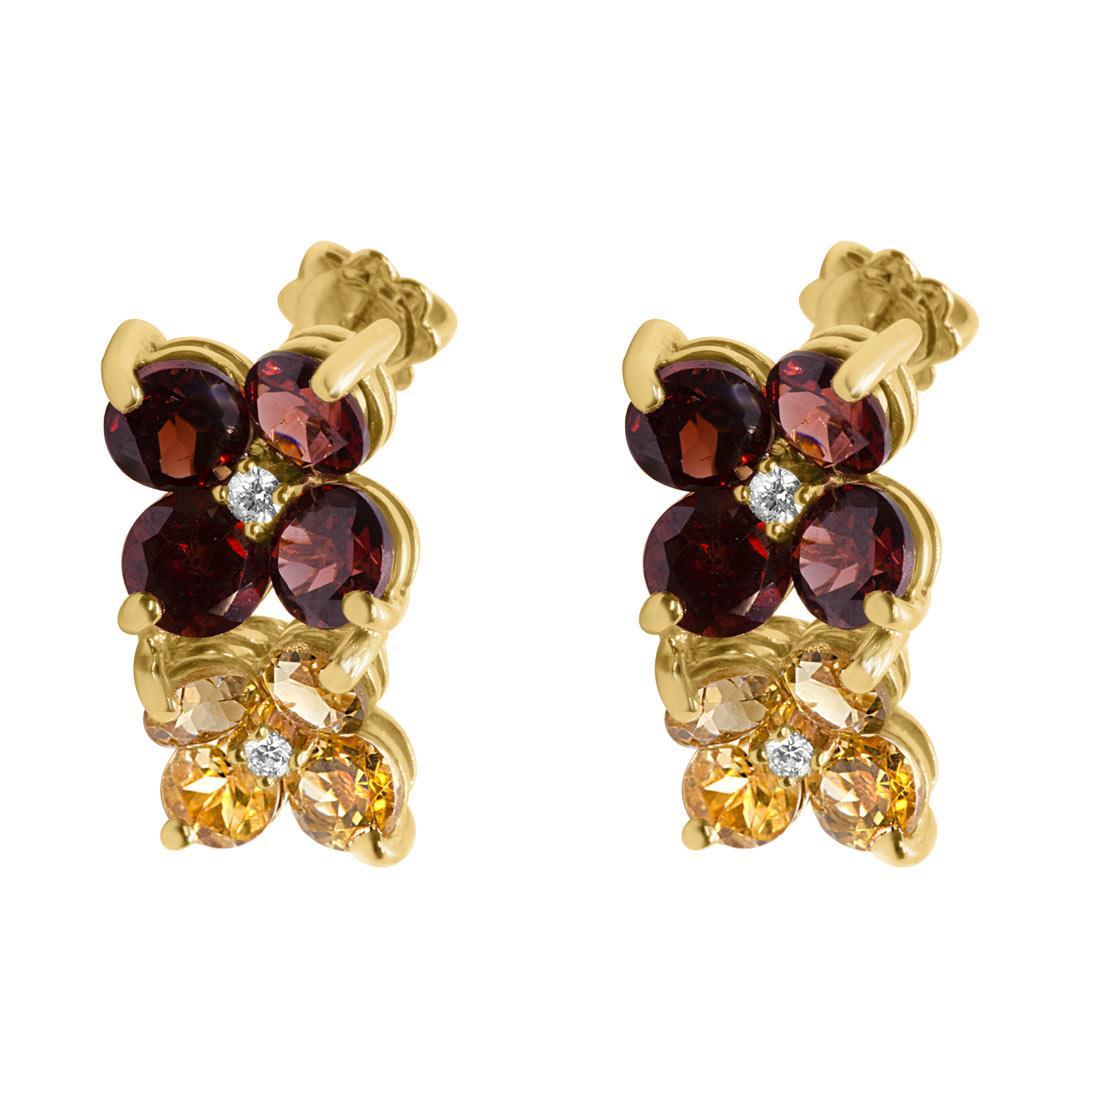 Orecchini in oro giallo, design a fiori con diamanti e pietre semipreziose colorate - ALFIERI & ST. JOHN